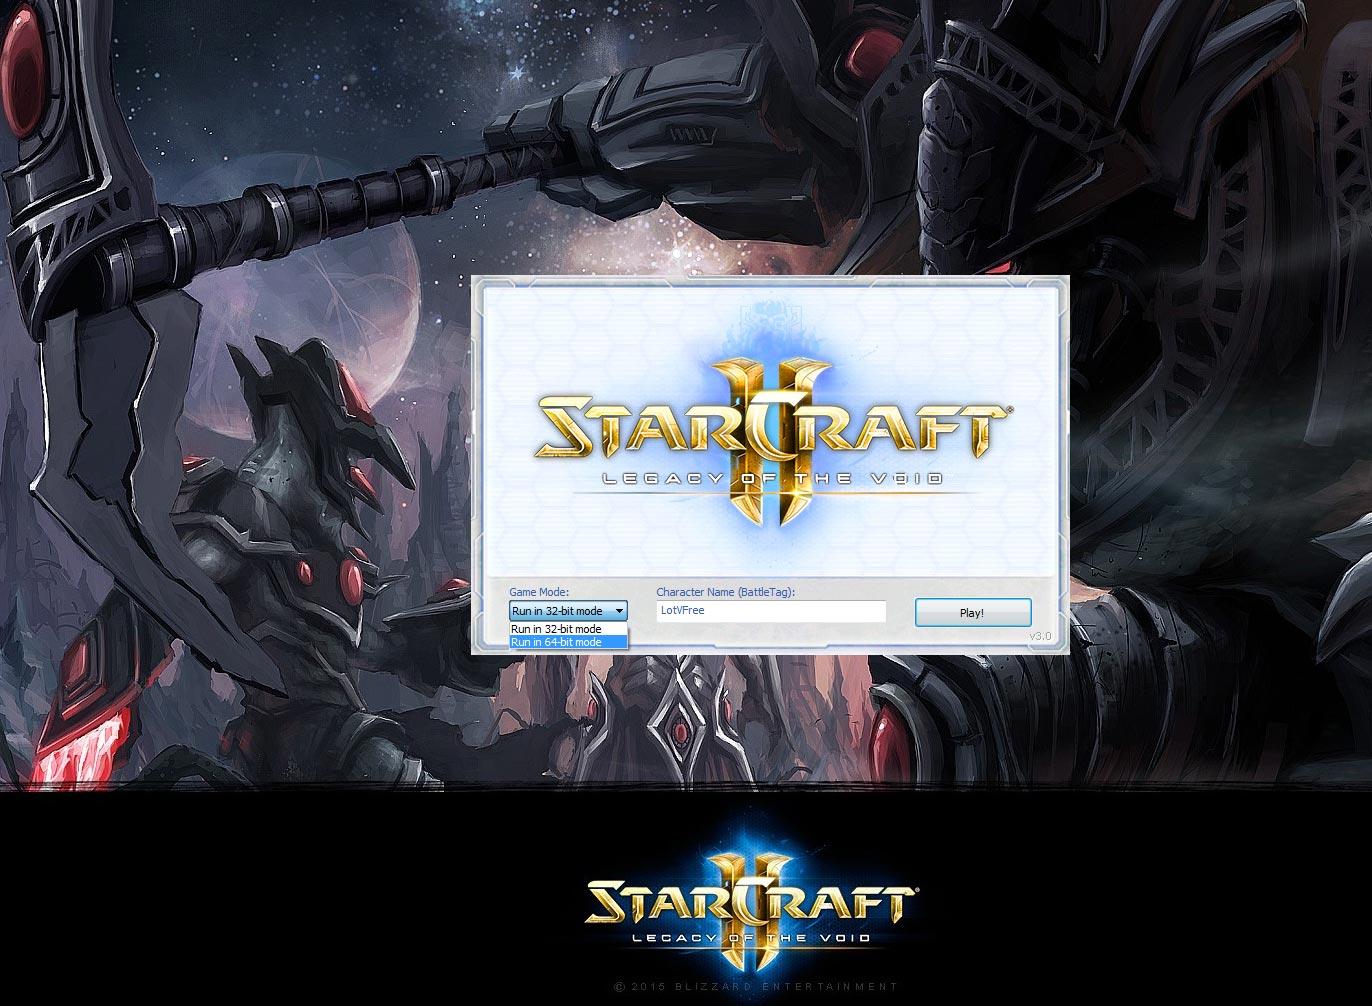 как обойти в starcraft 2 авторизация